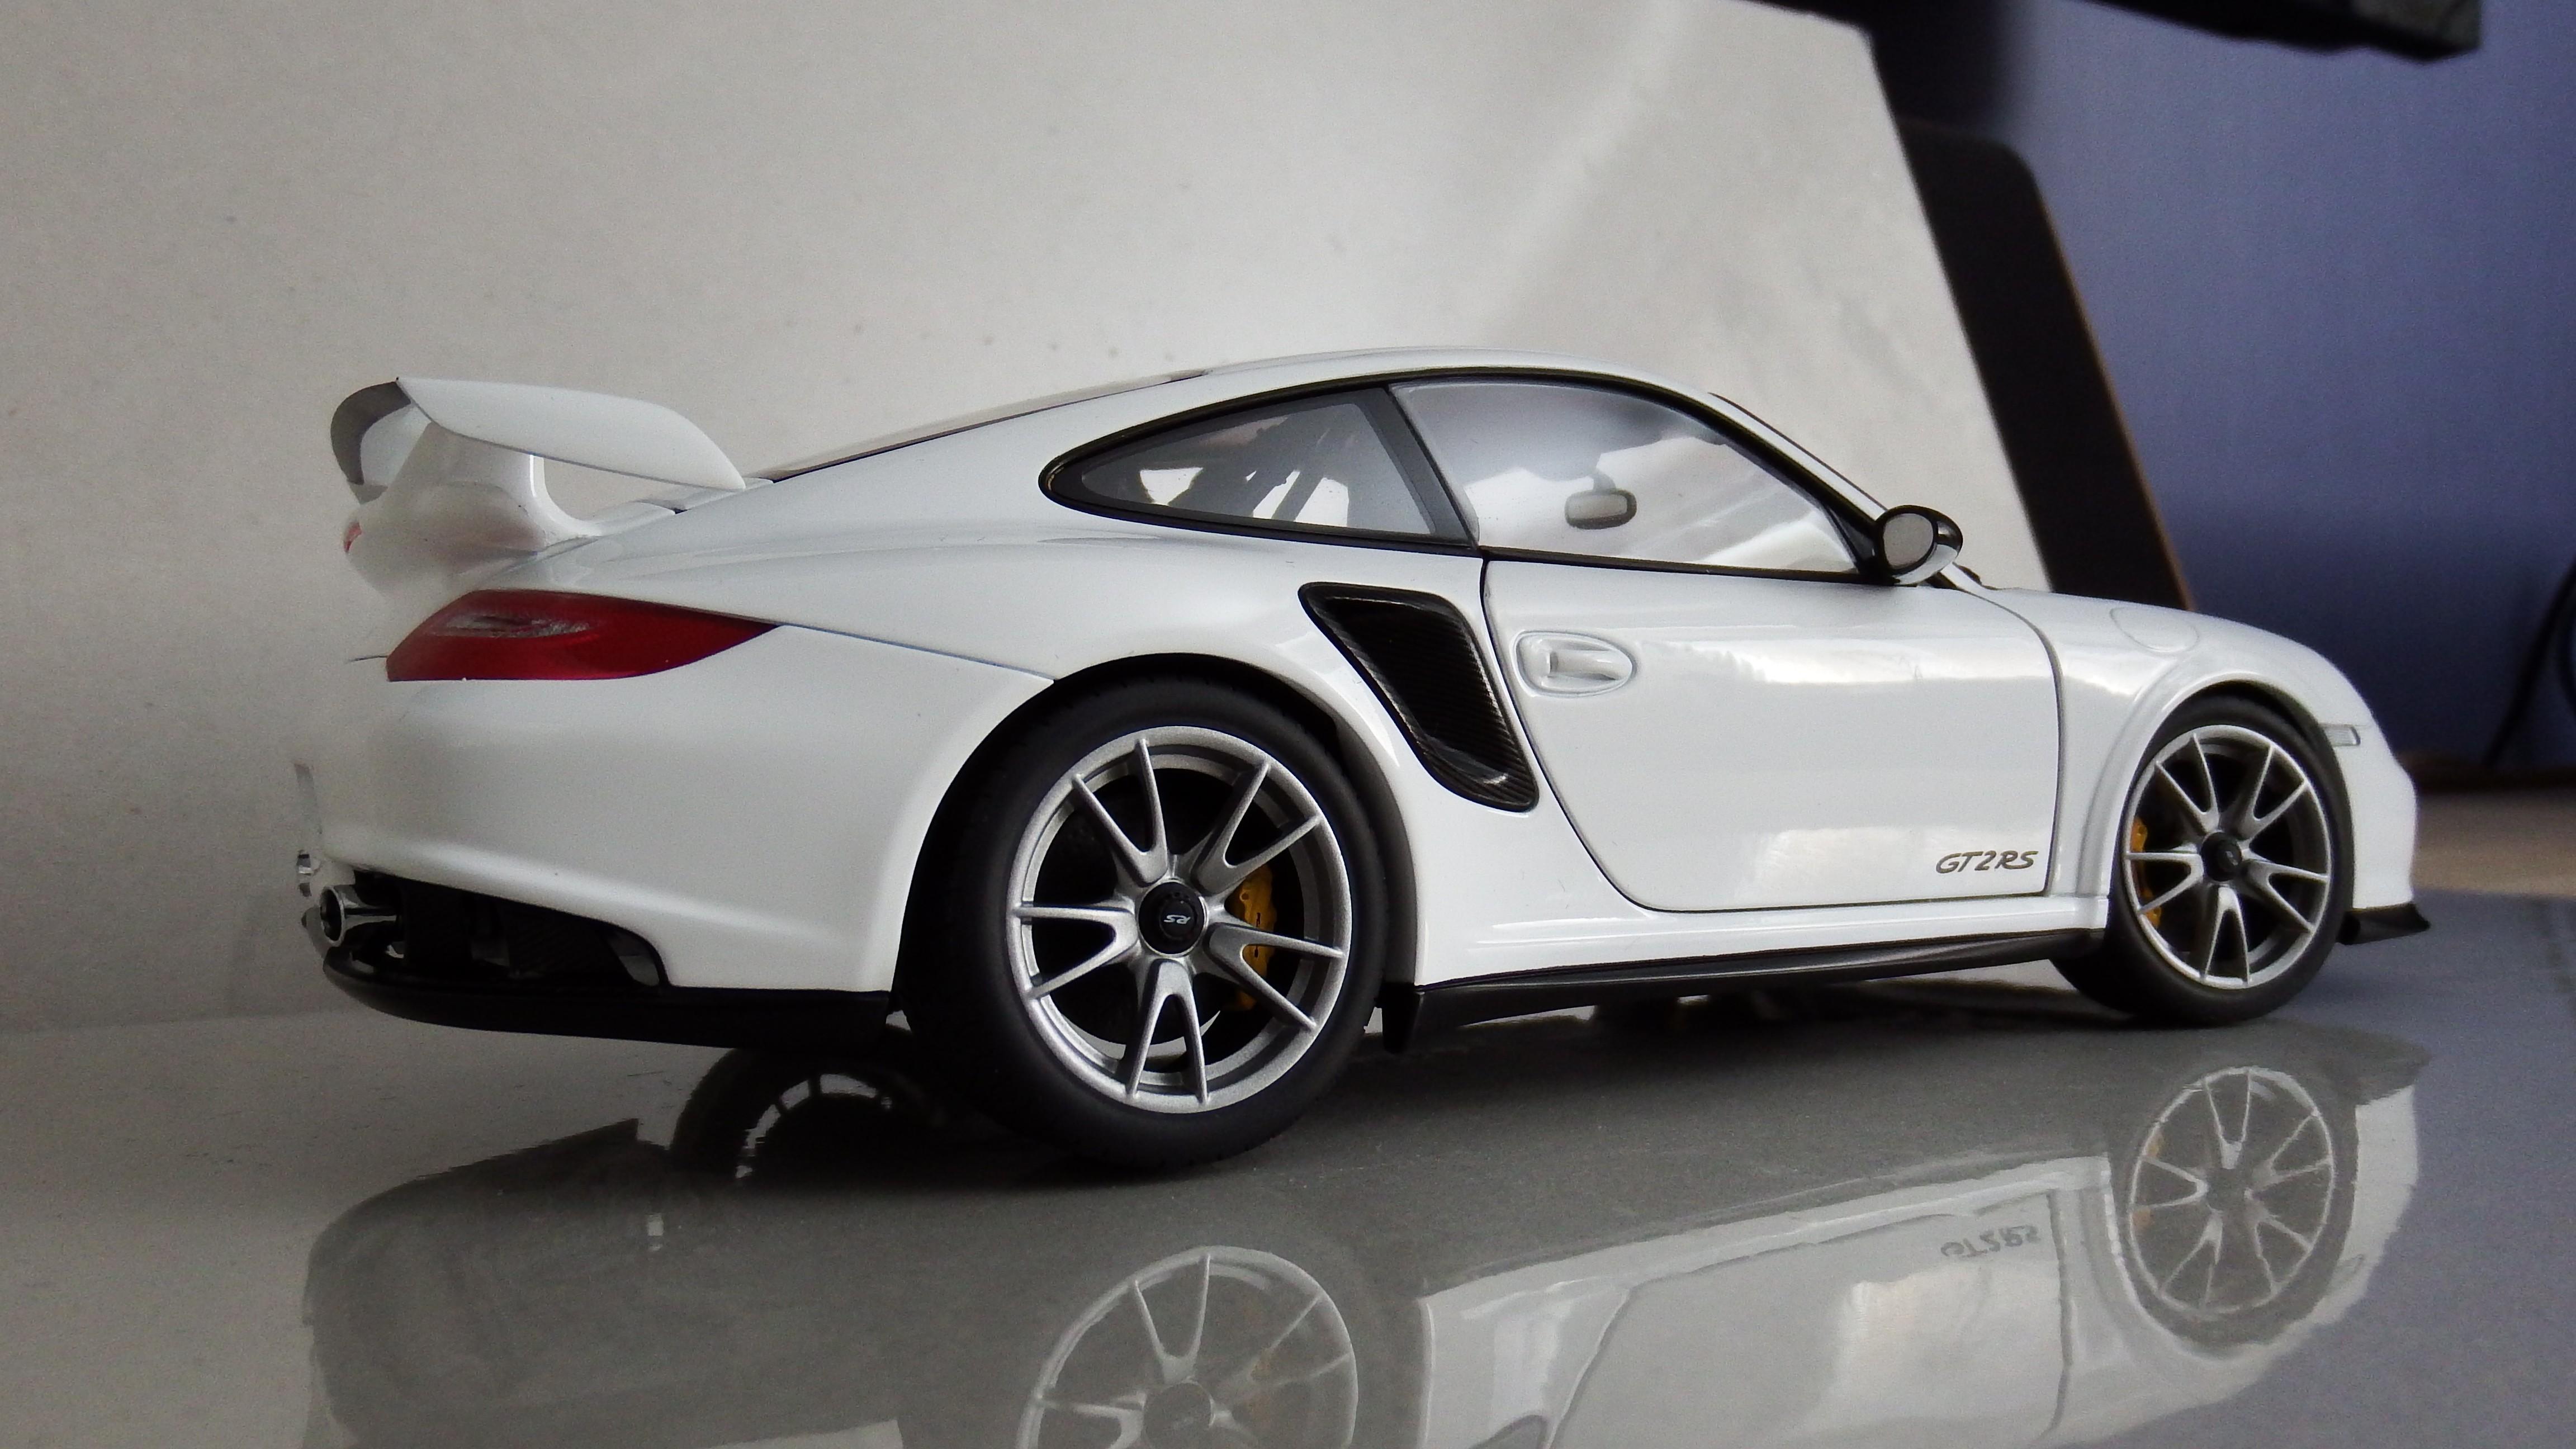 VFGFho Outstanding Porsche 911 Gt2 Hot Wheels Cars Trend